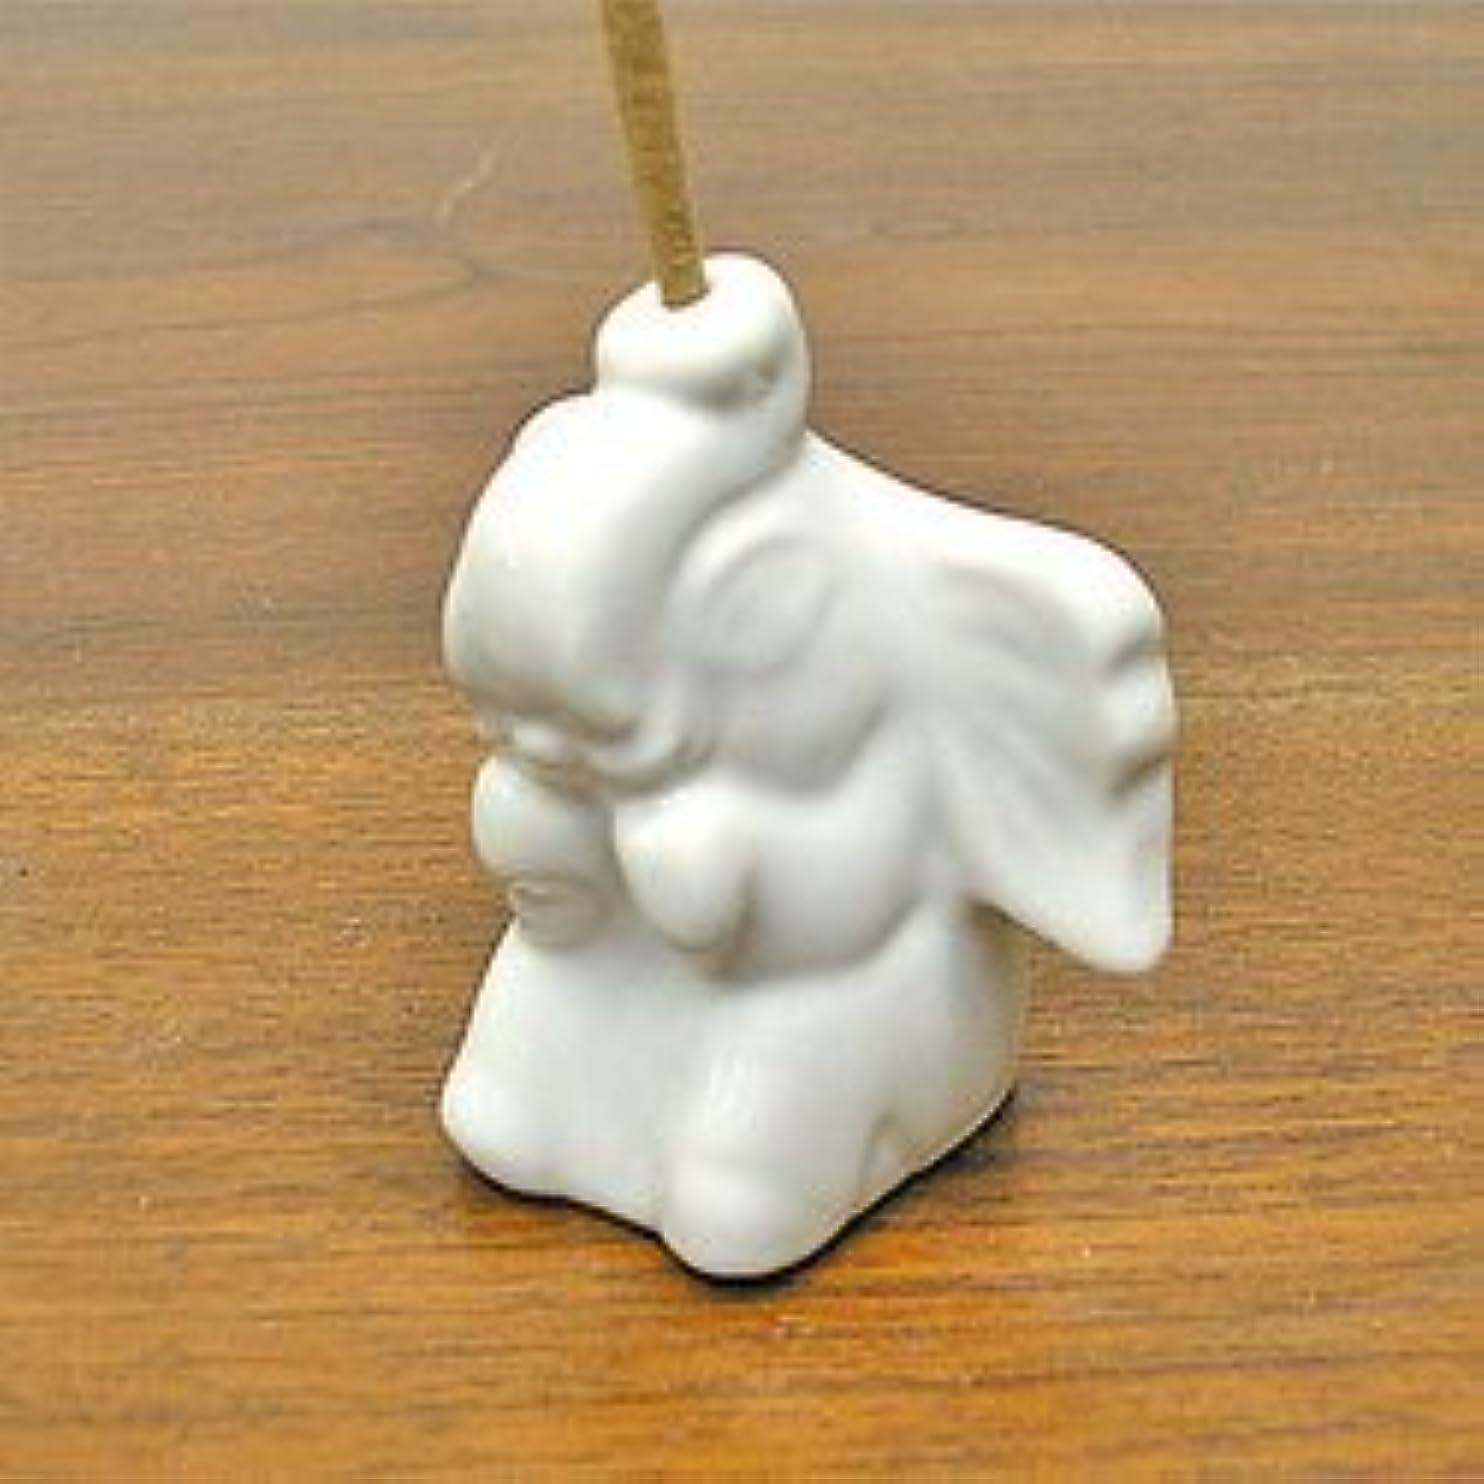 アサートライアスロン祈る象さんのお香立て <白> インセンスホルダー/スティックタイプ用お香立て?お香たて アジアン雑貨